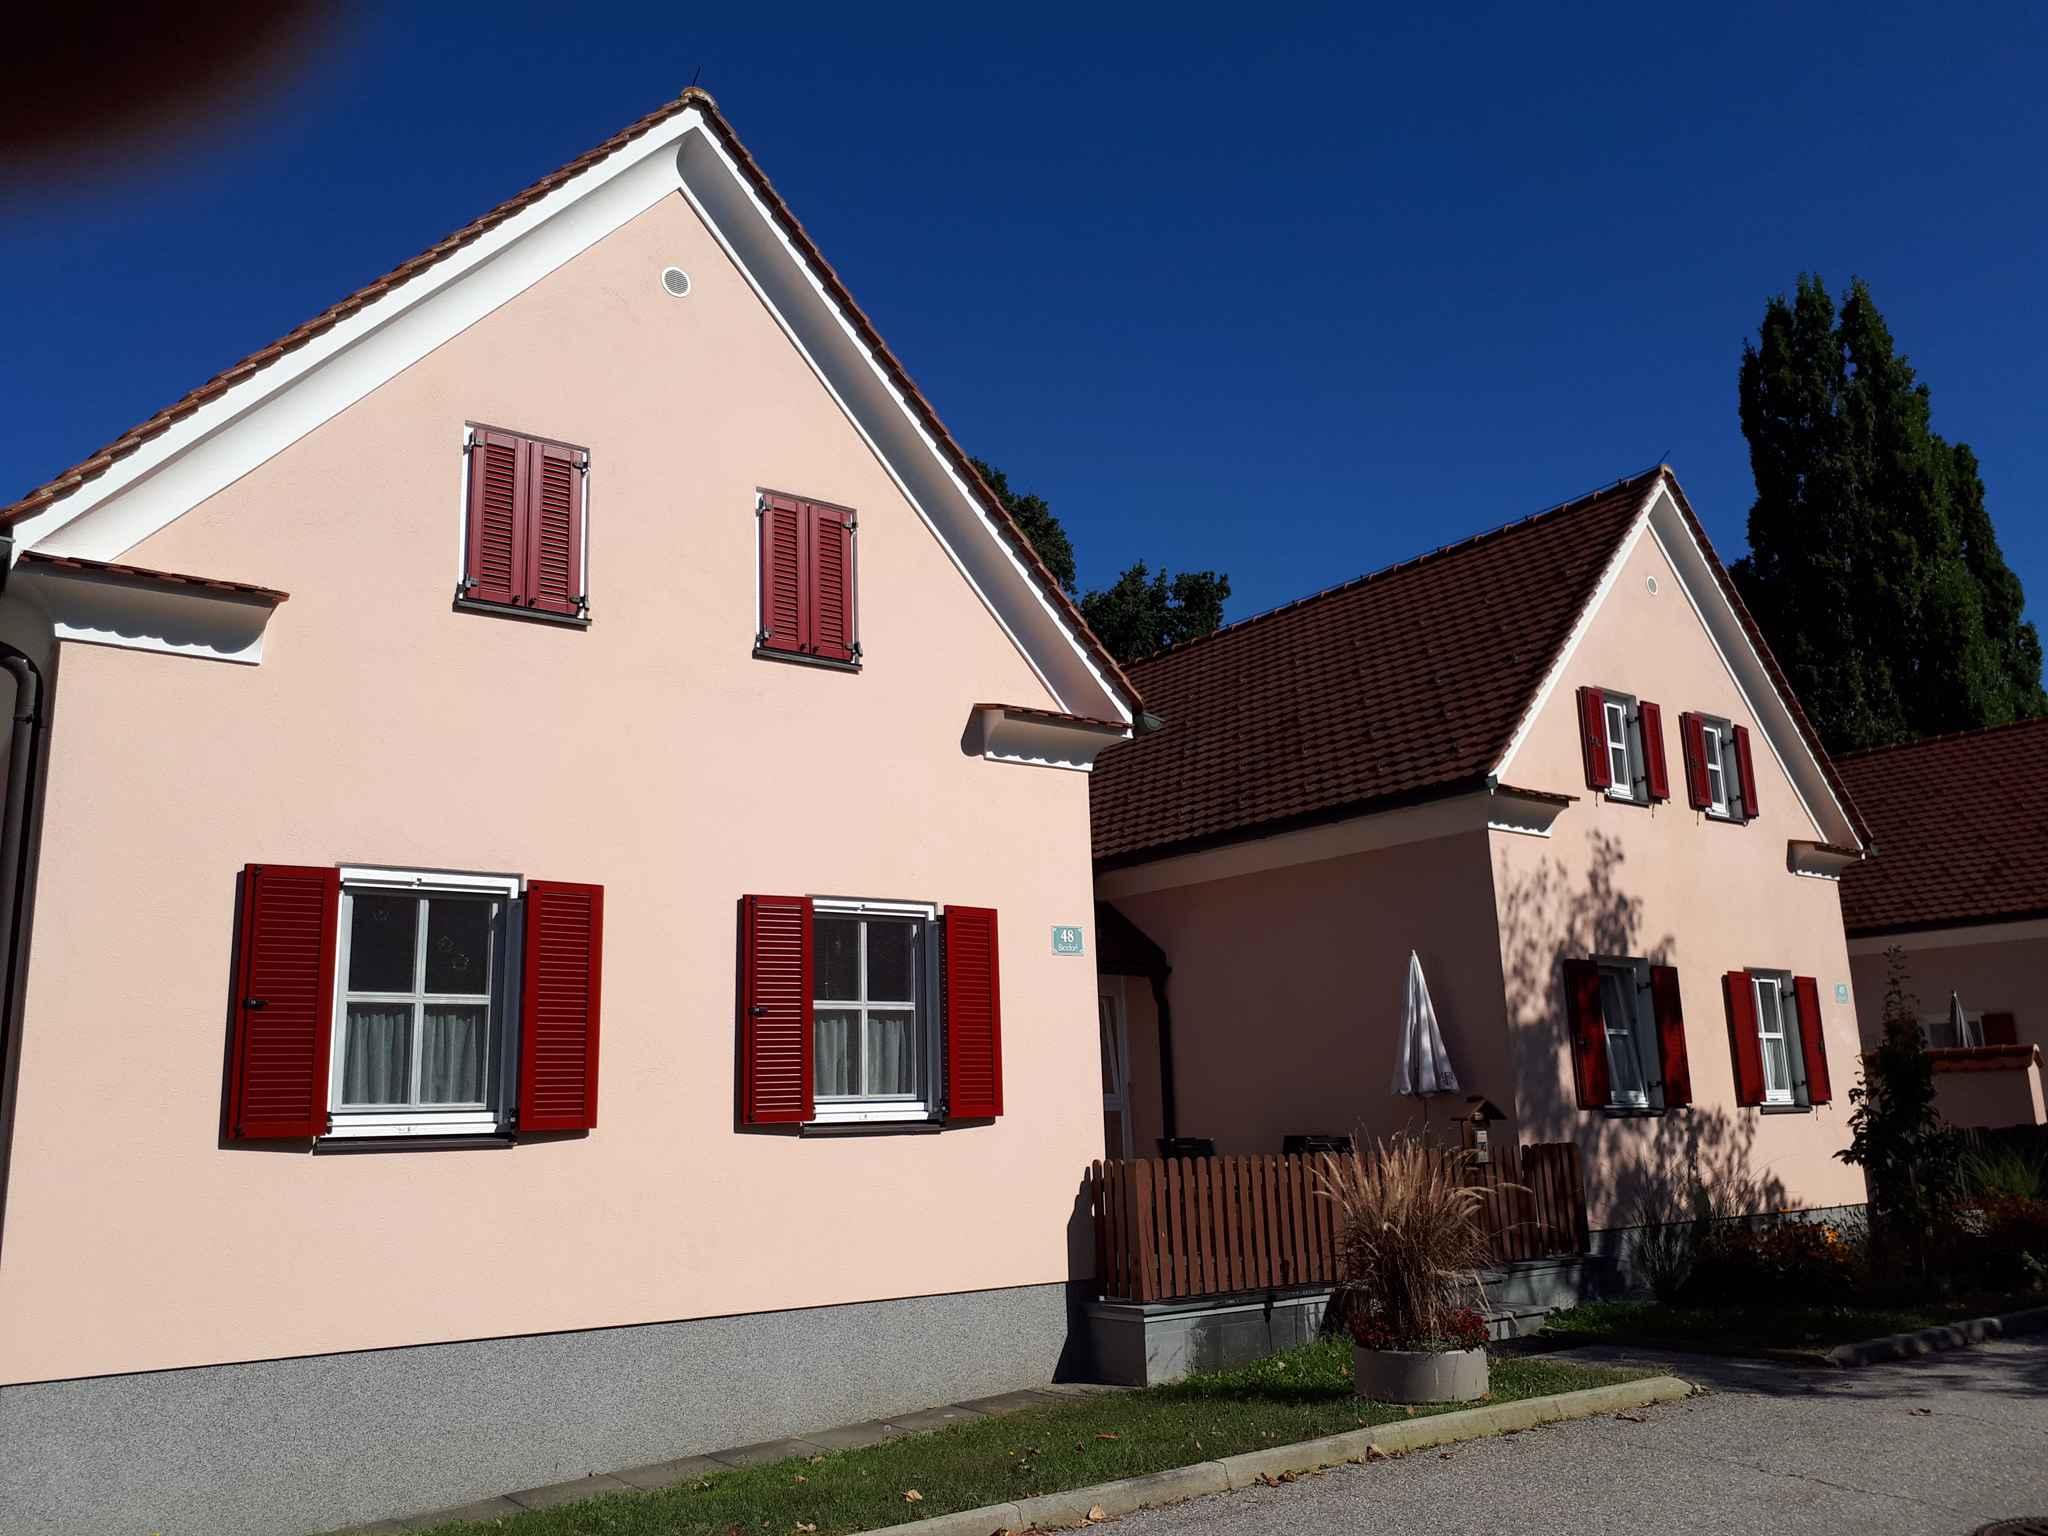 Ferienhaus im Thermal-Biodorf inkl. Wellness (430208), Bad Waltersdorf, Oststeiermark, Steiermark, Österreich, Bild 2